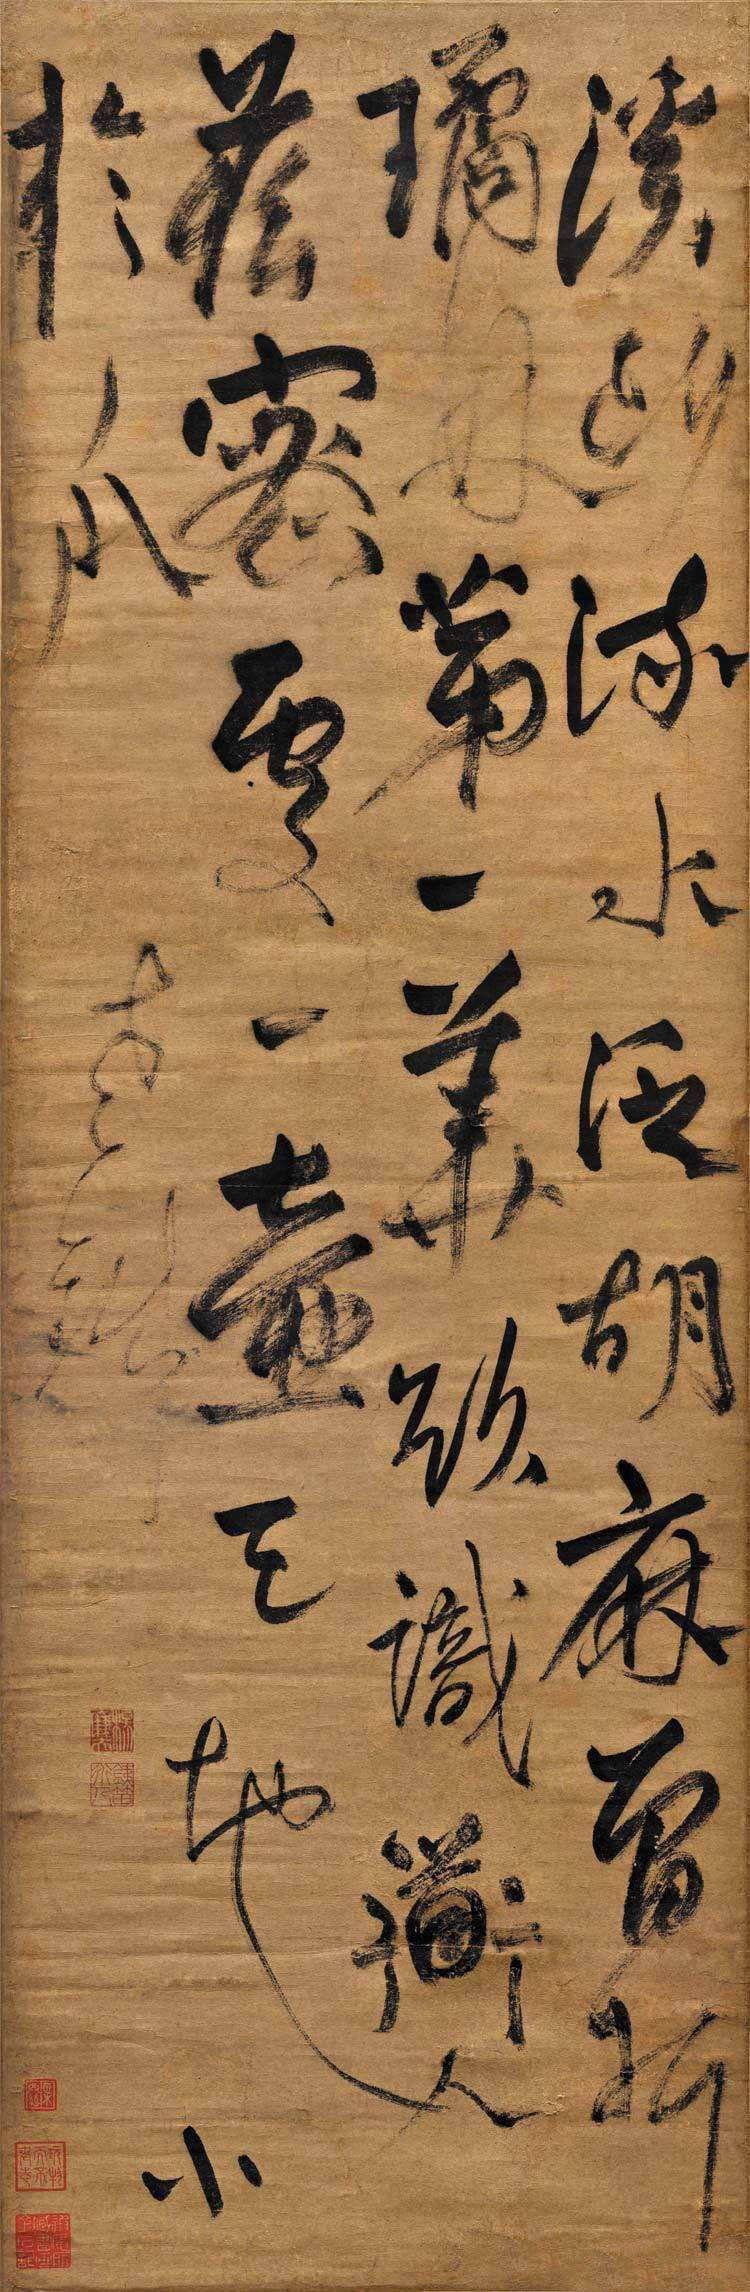 陈海良:科举、记录,楷书的正统性,影响楷书成为欣赏的宠儿